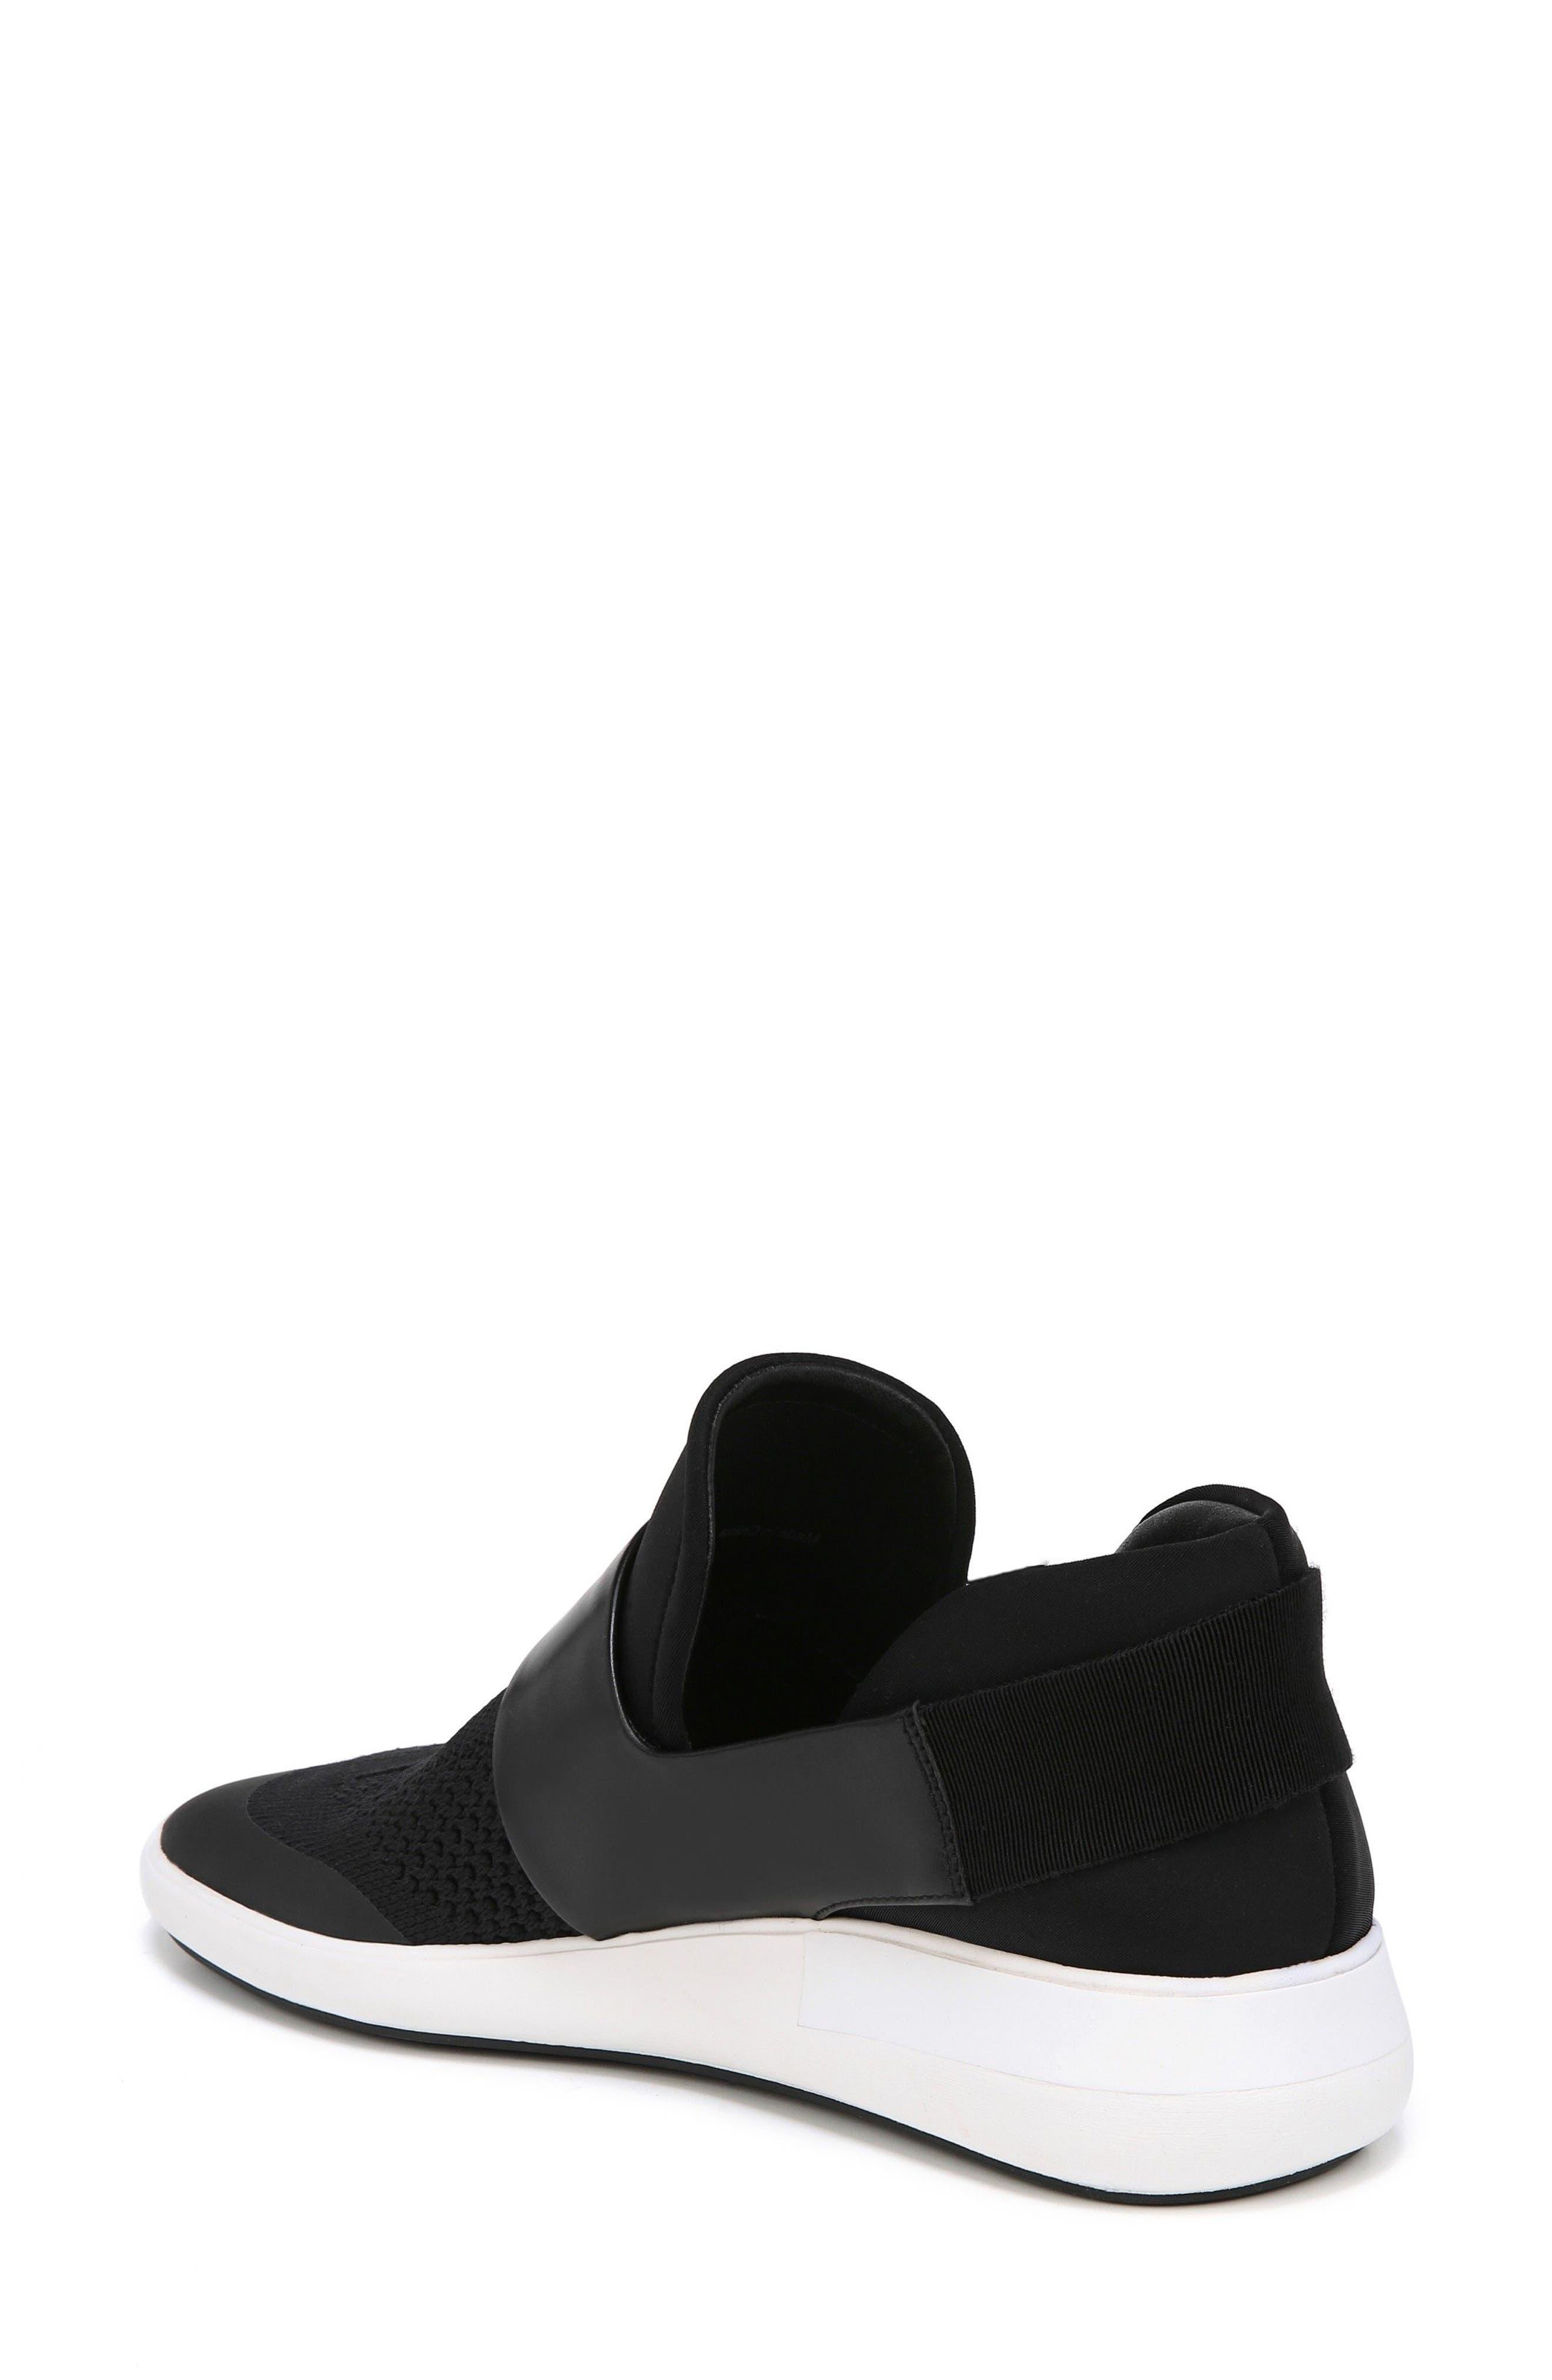 Misha Slip-On Sneaker,                             Alternate thumbnail 2, color,                             001